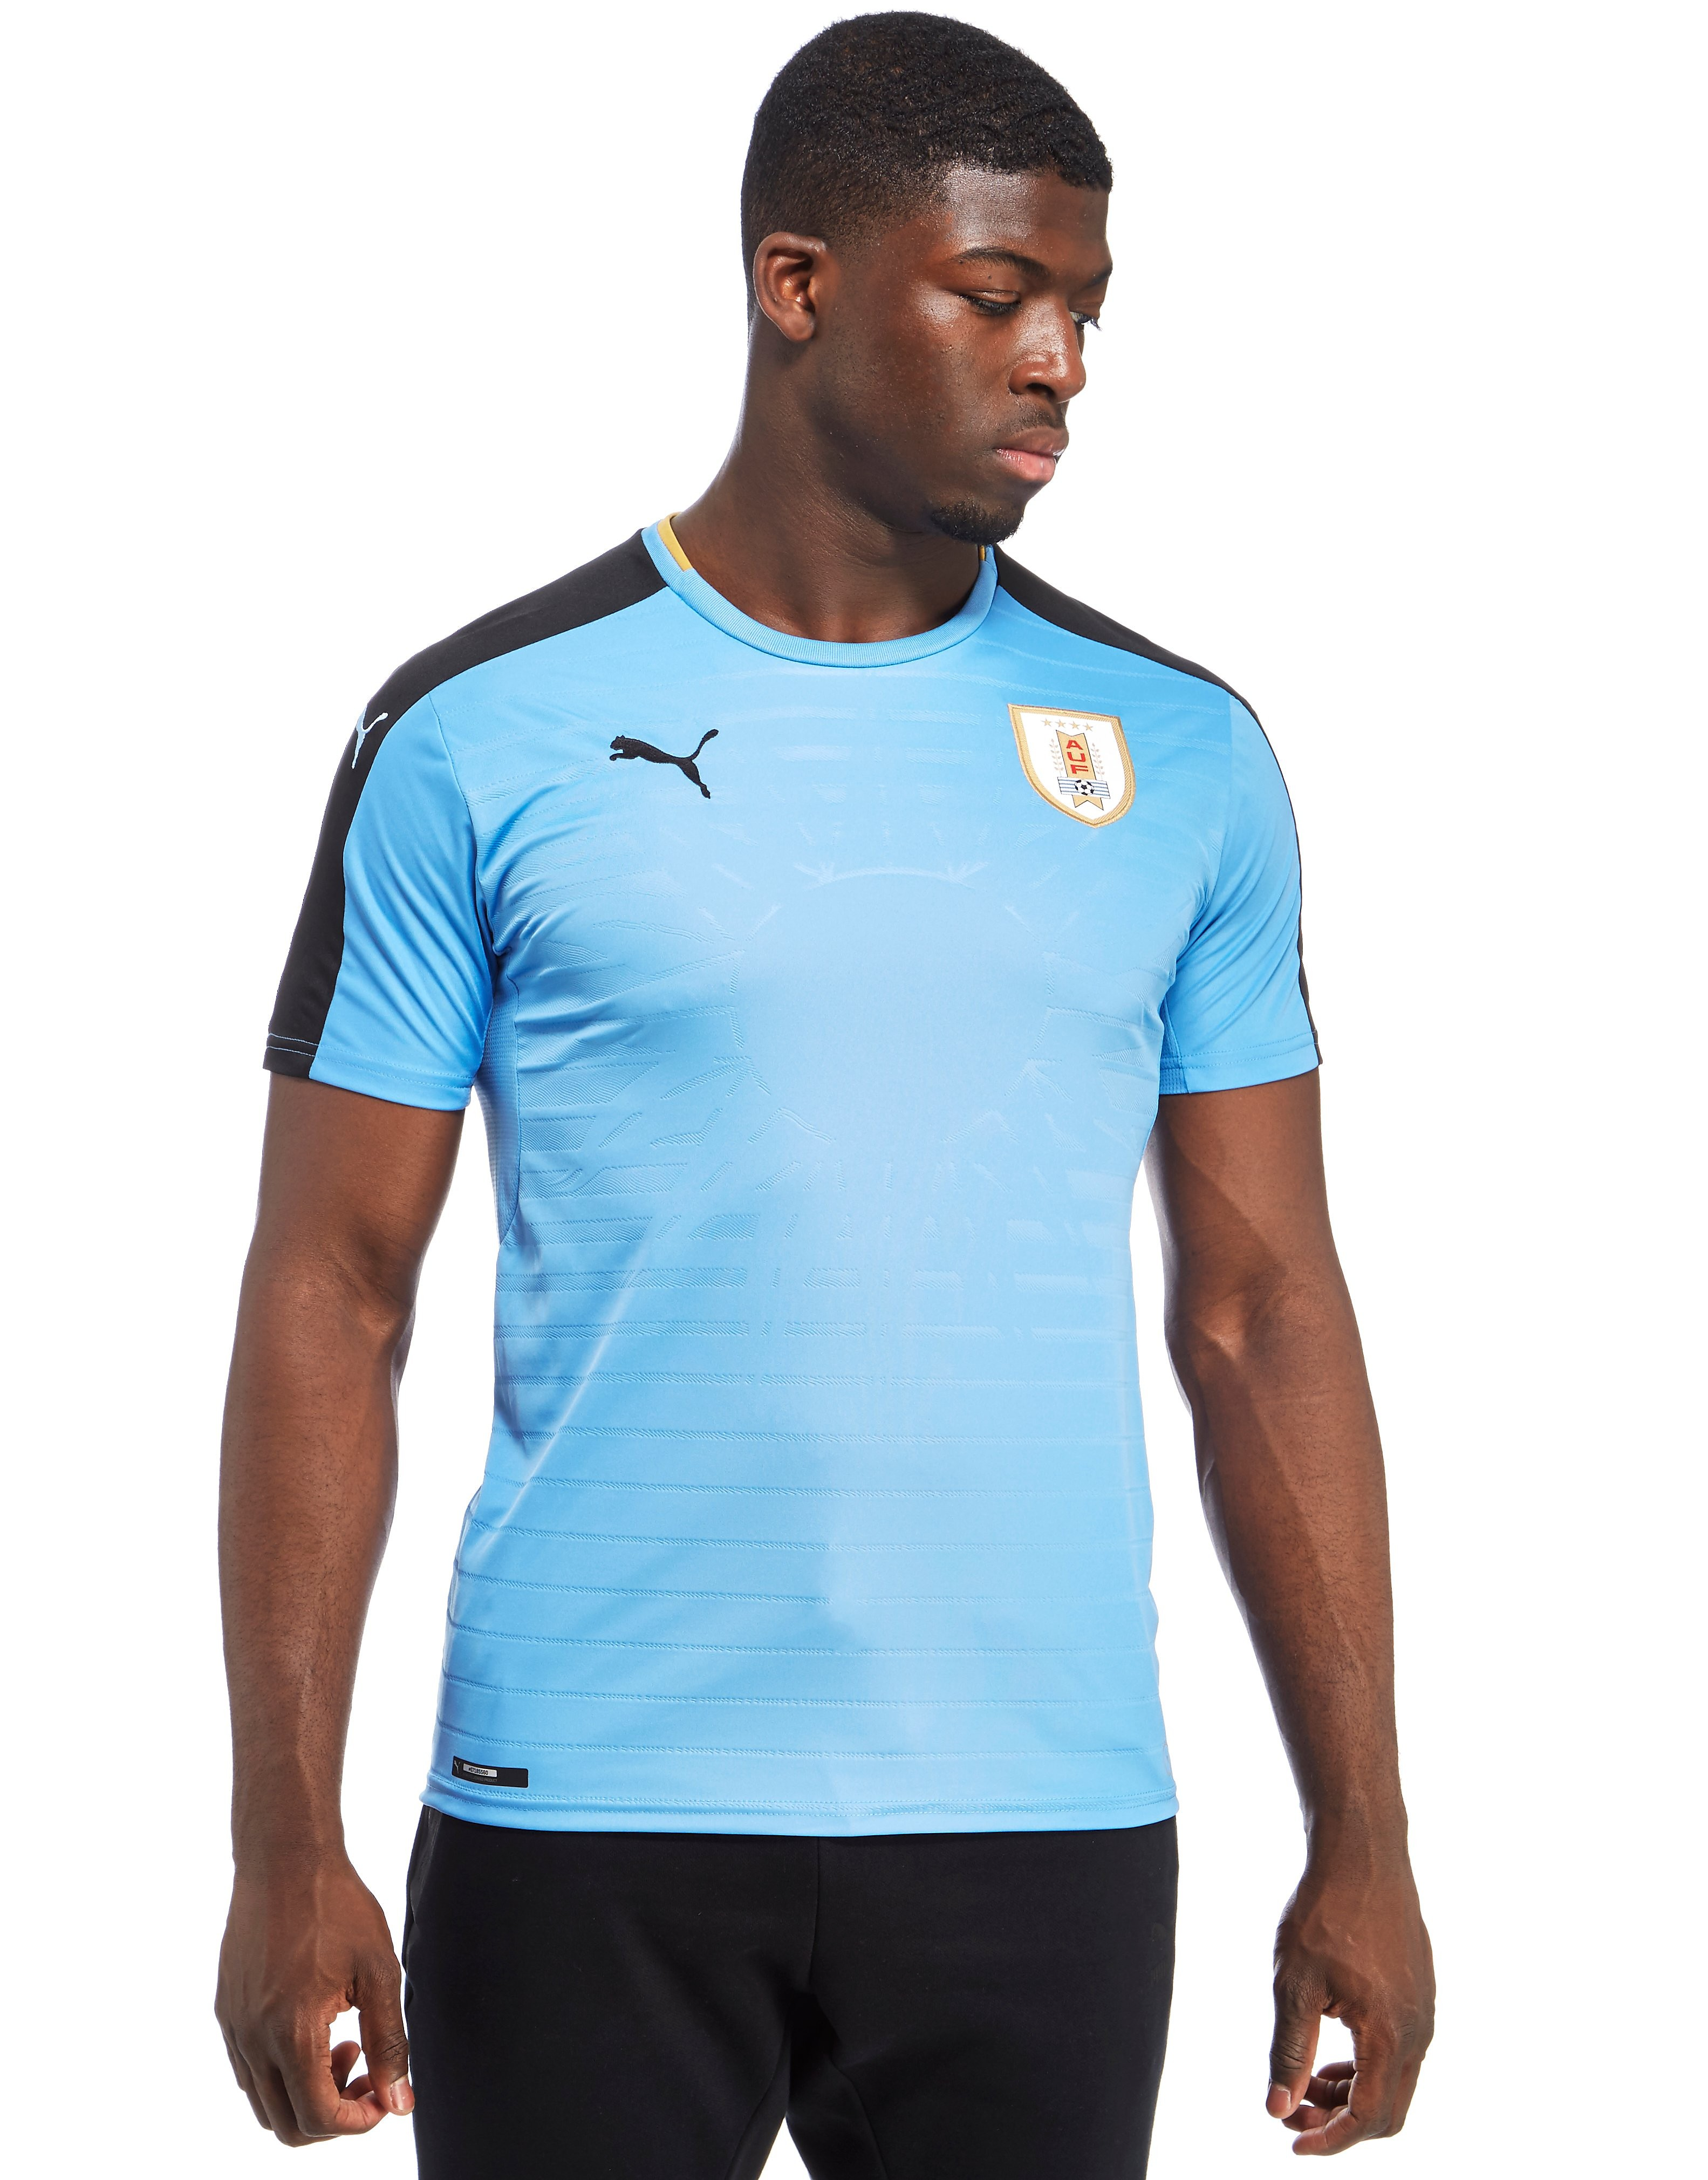 PUMA Uruguay Home 2016 Shirt